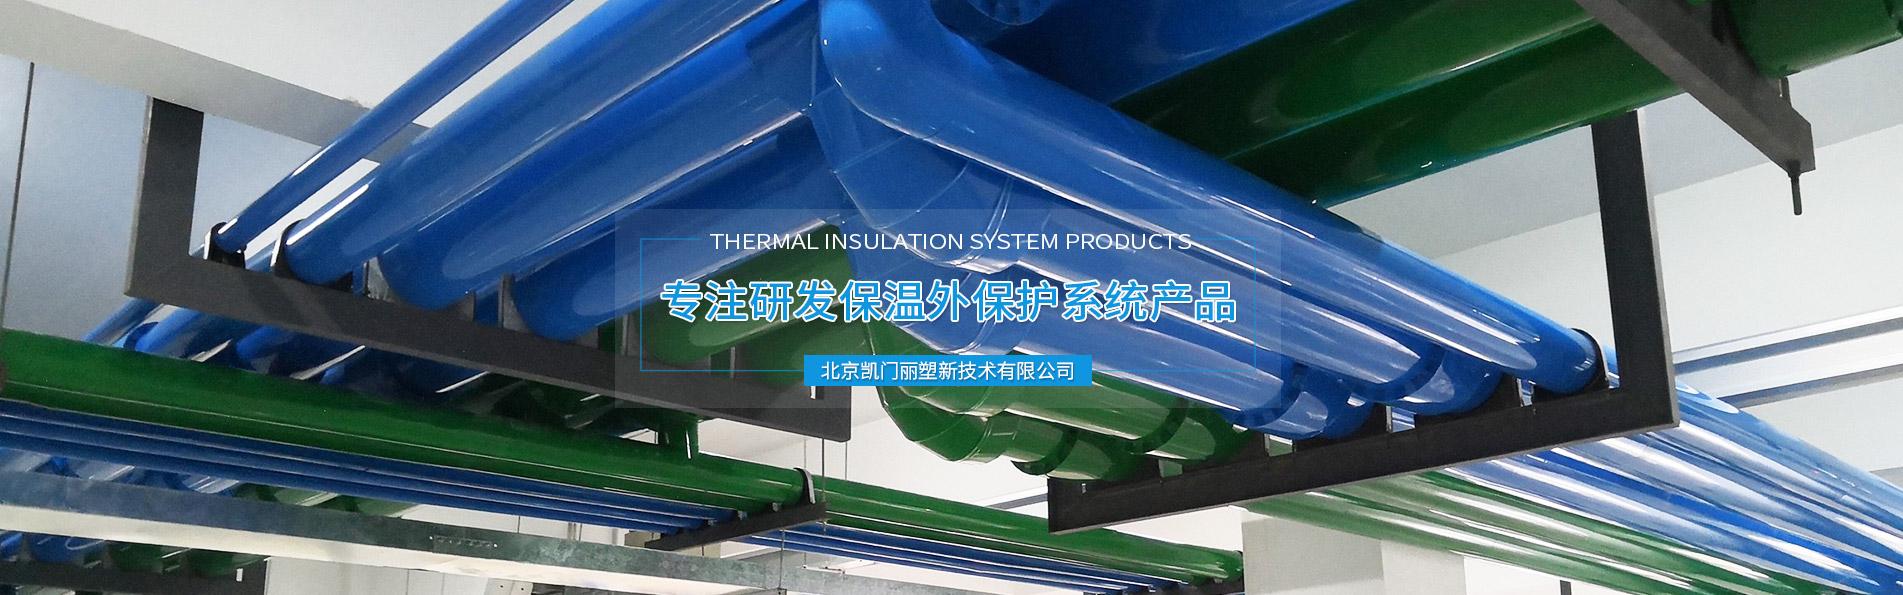 北京凯门丽塑新技术有限公司